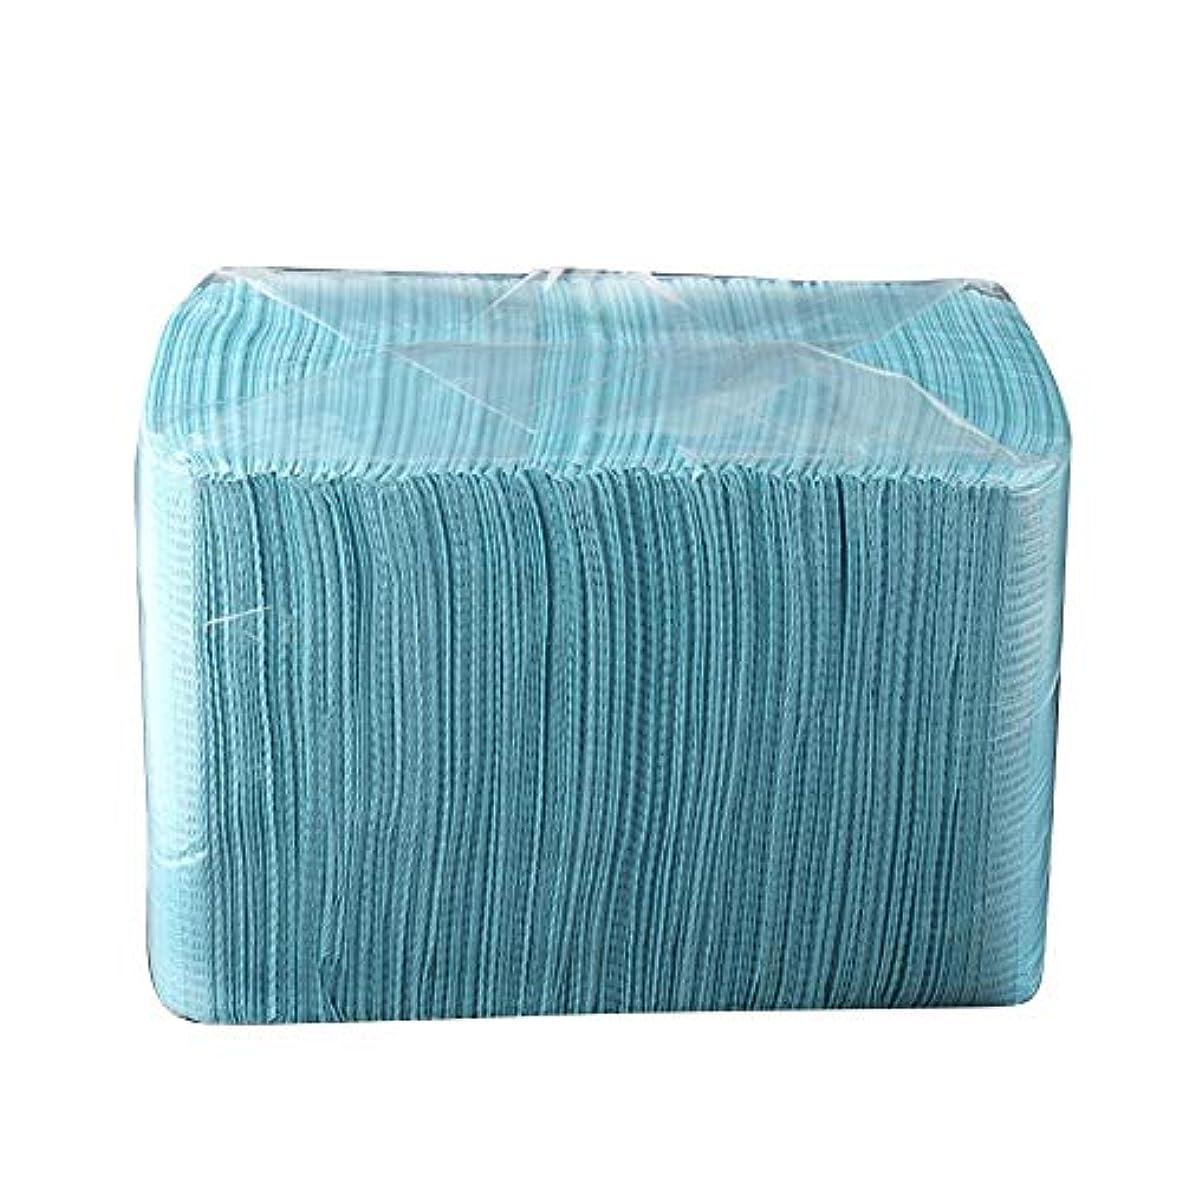 禁輸関税ロンドンタトゥーマット 使い捨て防水マット 歯科用テーブルクロスマット 清潔パッド 防水二層紙タトゥーアクセサリー